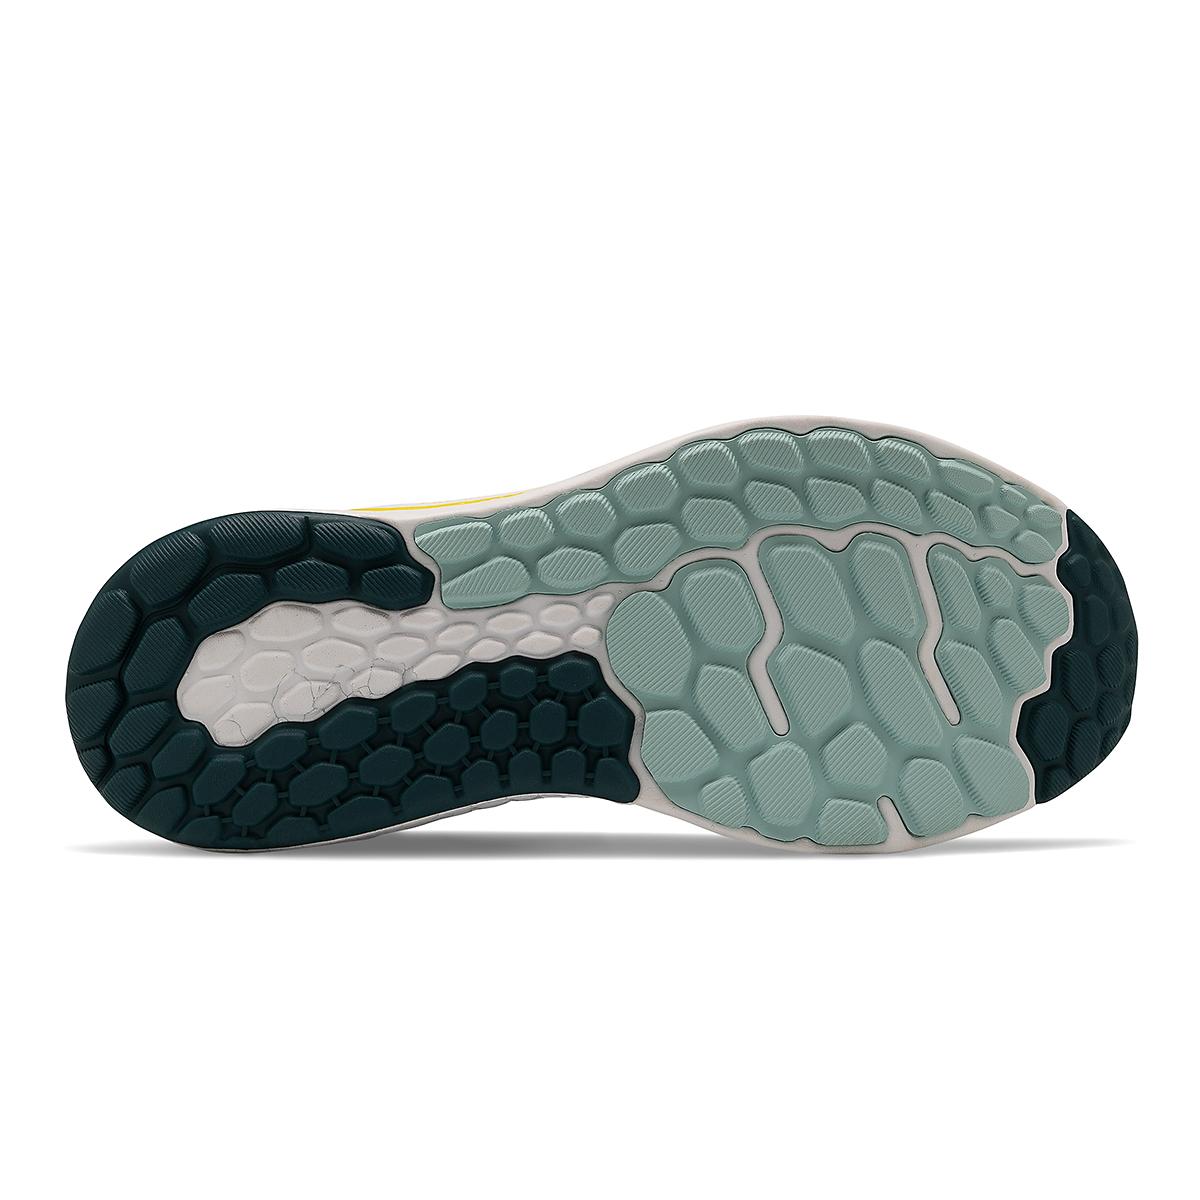 Men's New Balance Fresh Foam Vongo V5 Running Shoe, , large, image 5